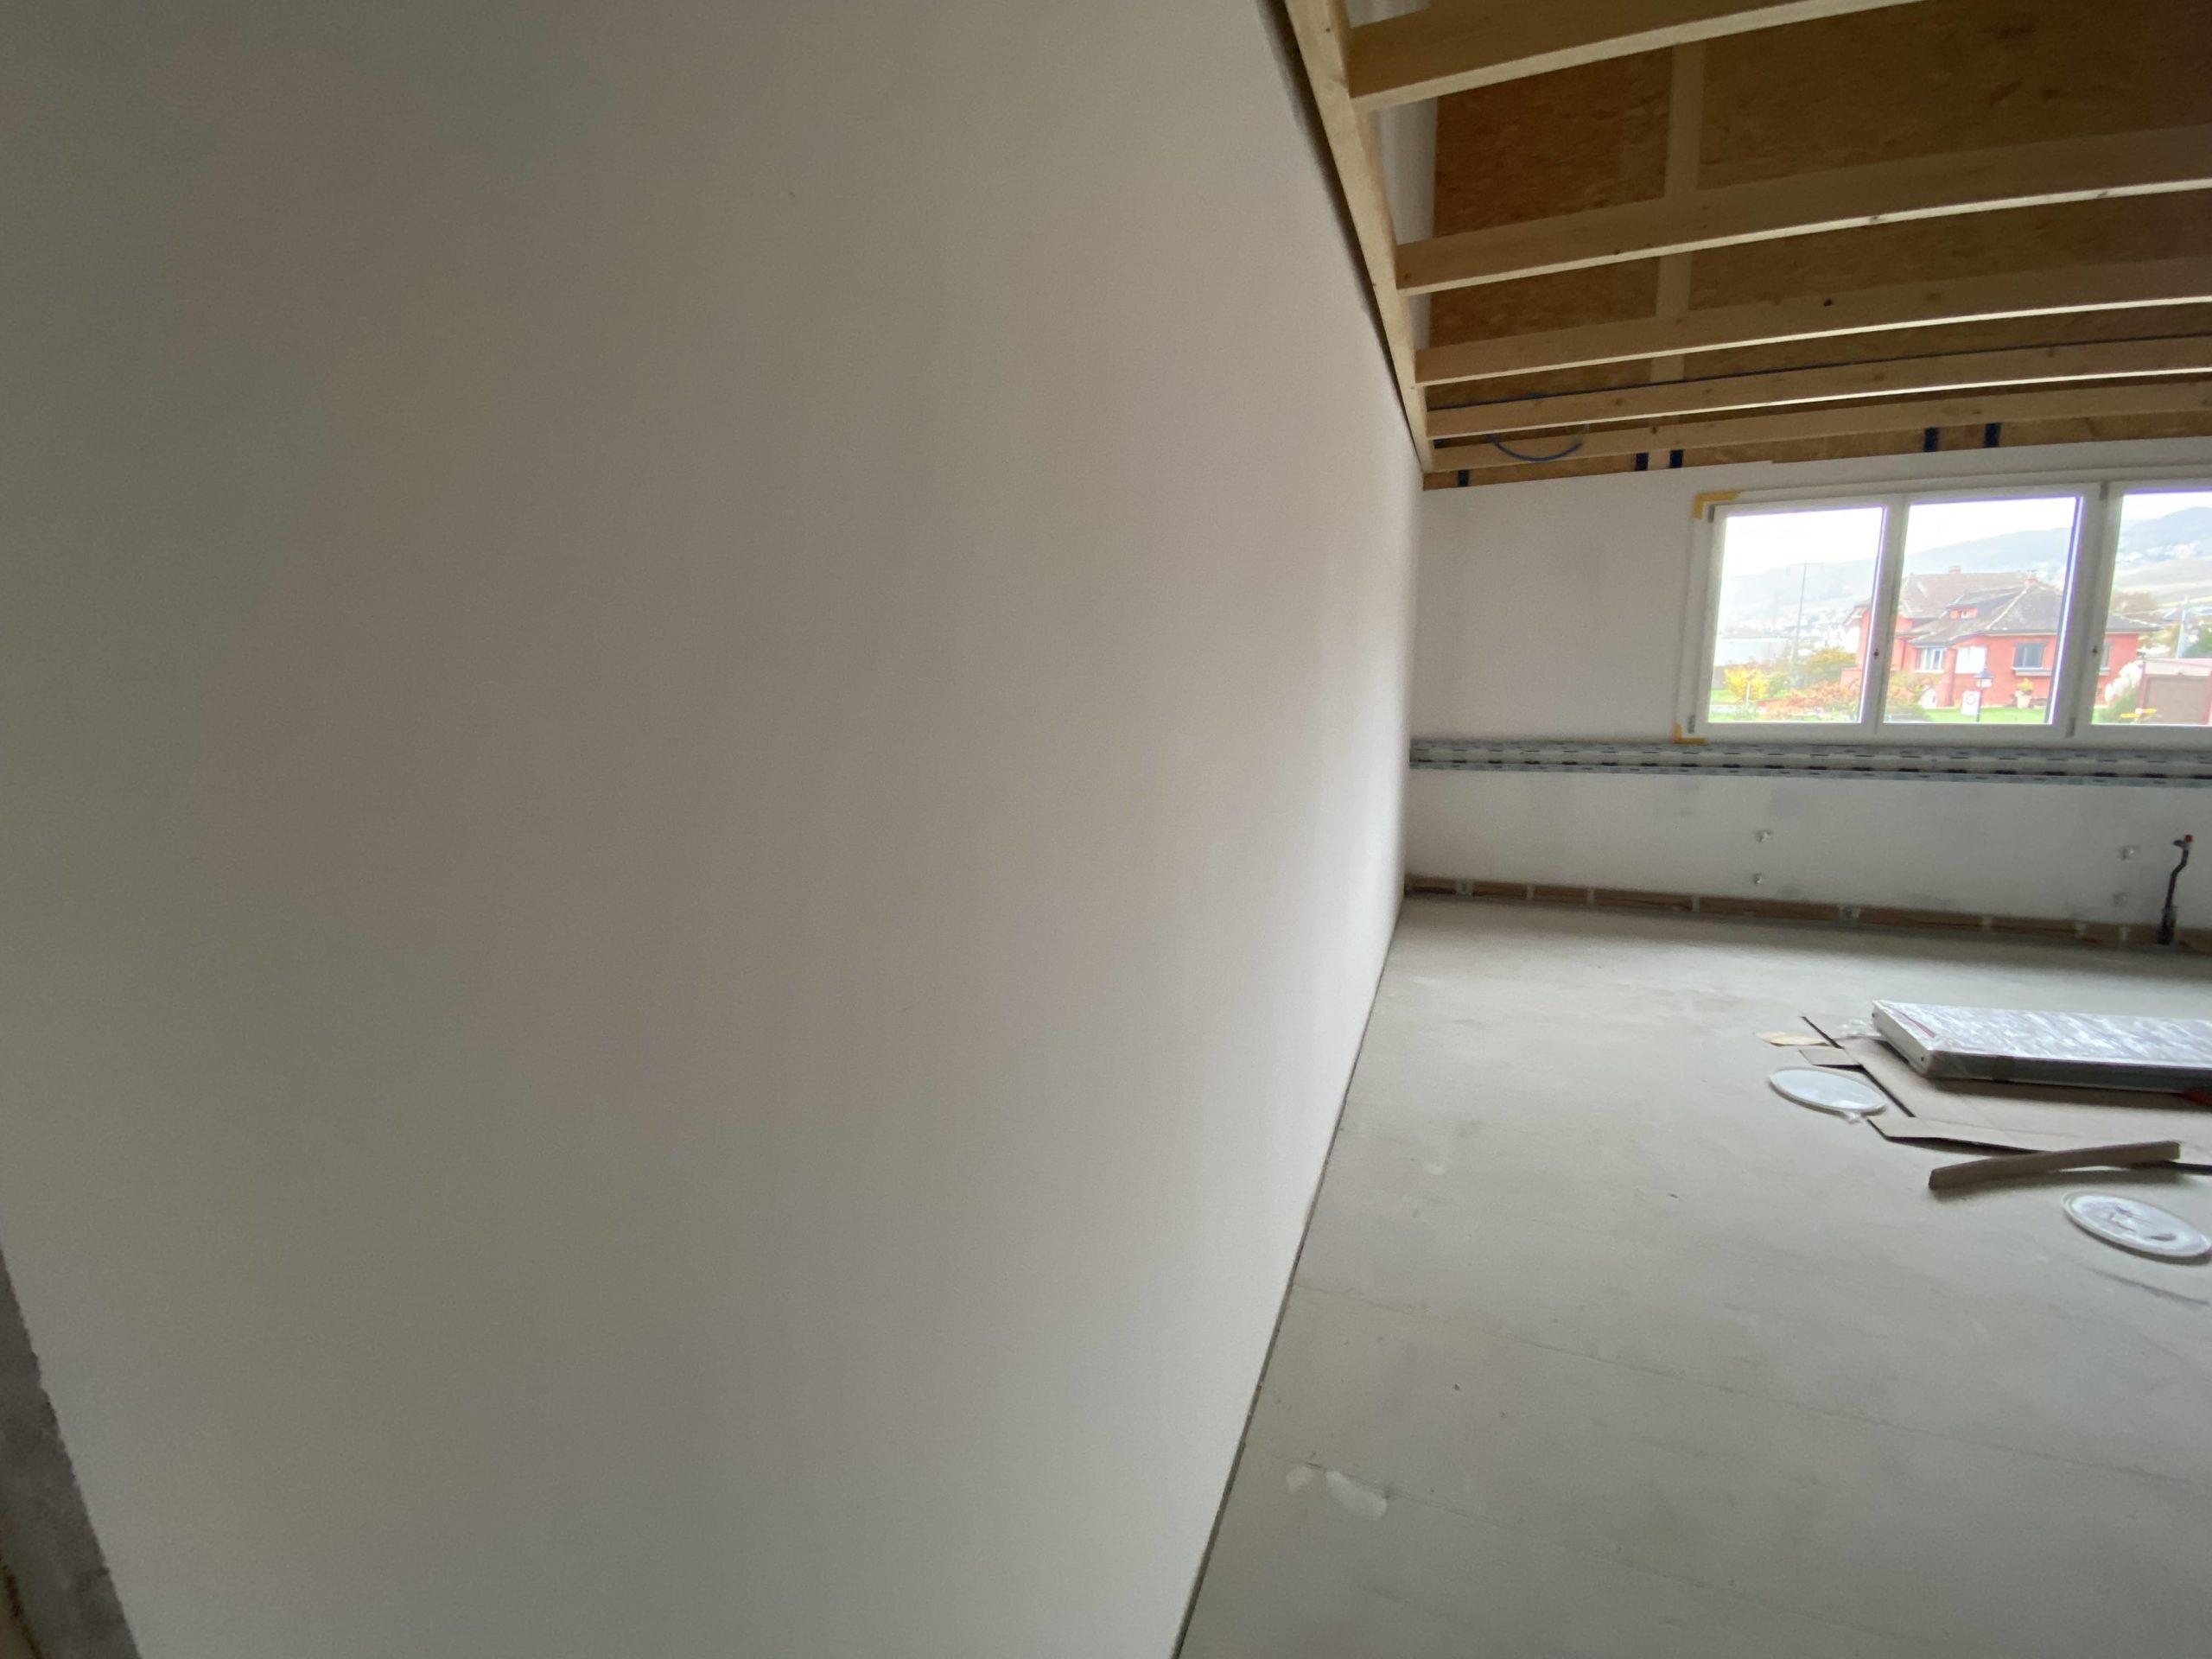 Les murs sont entièrement lissés afin de recevoir un crépi fin de 1 mm